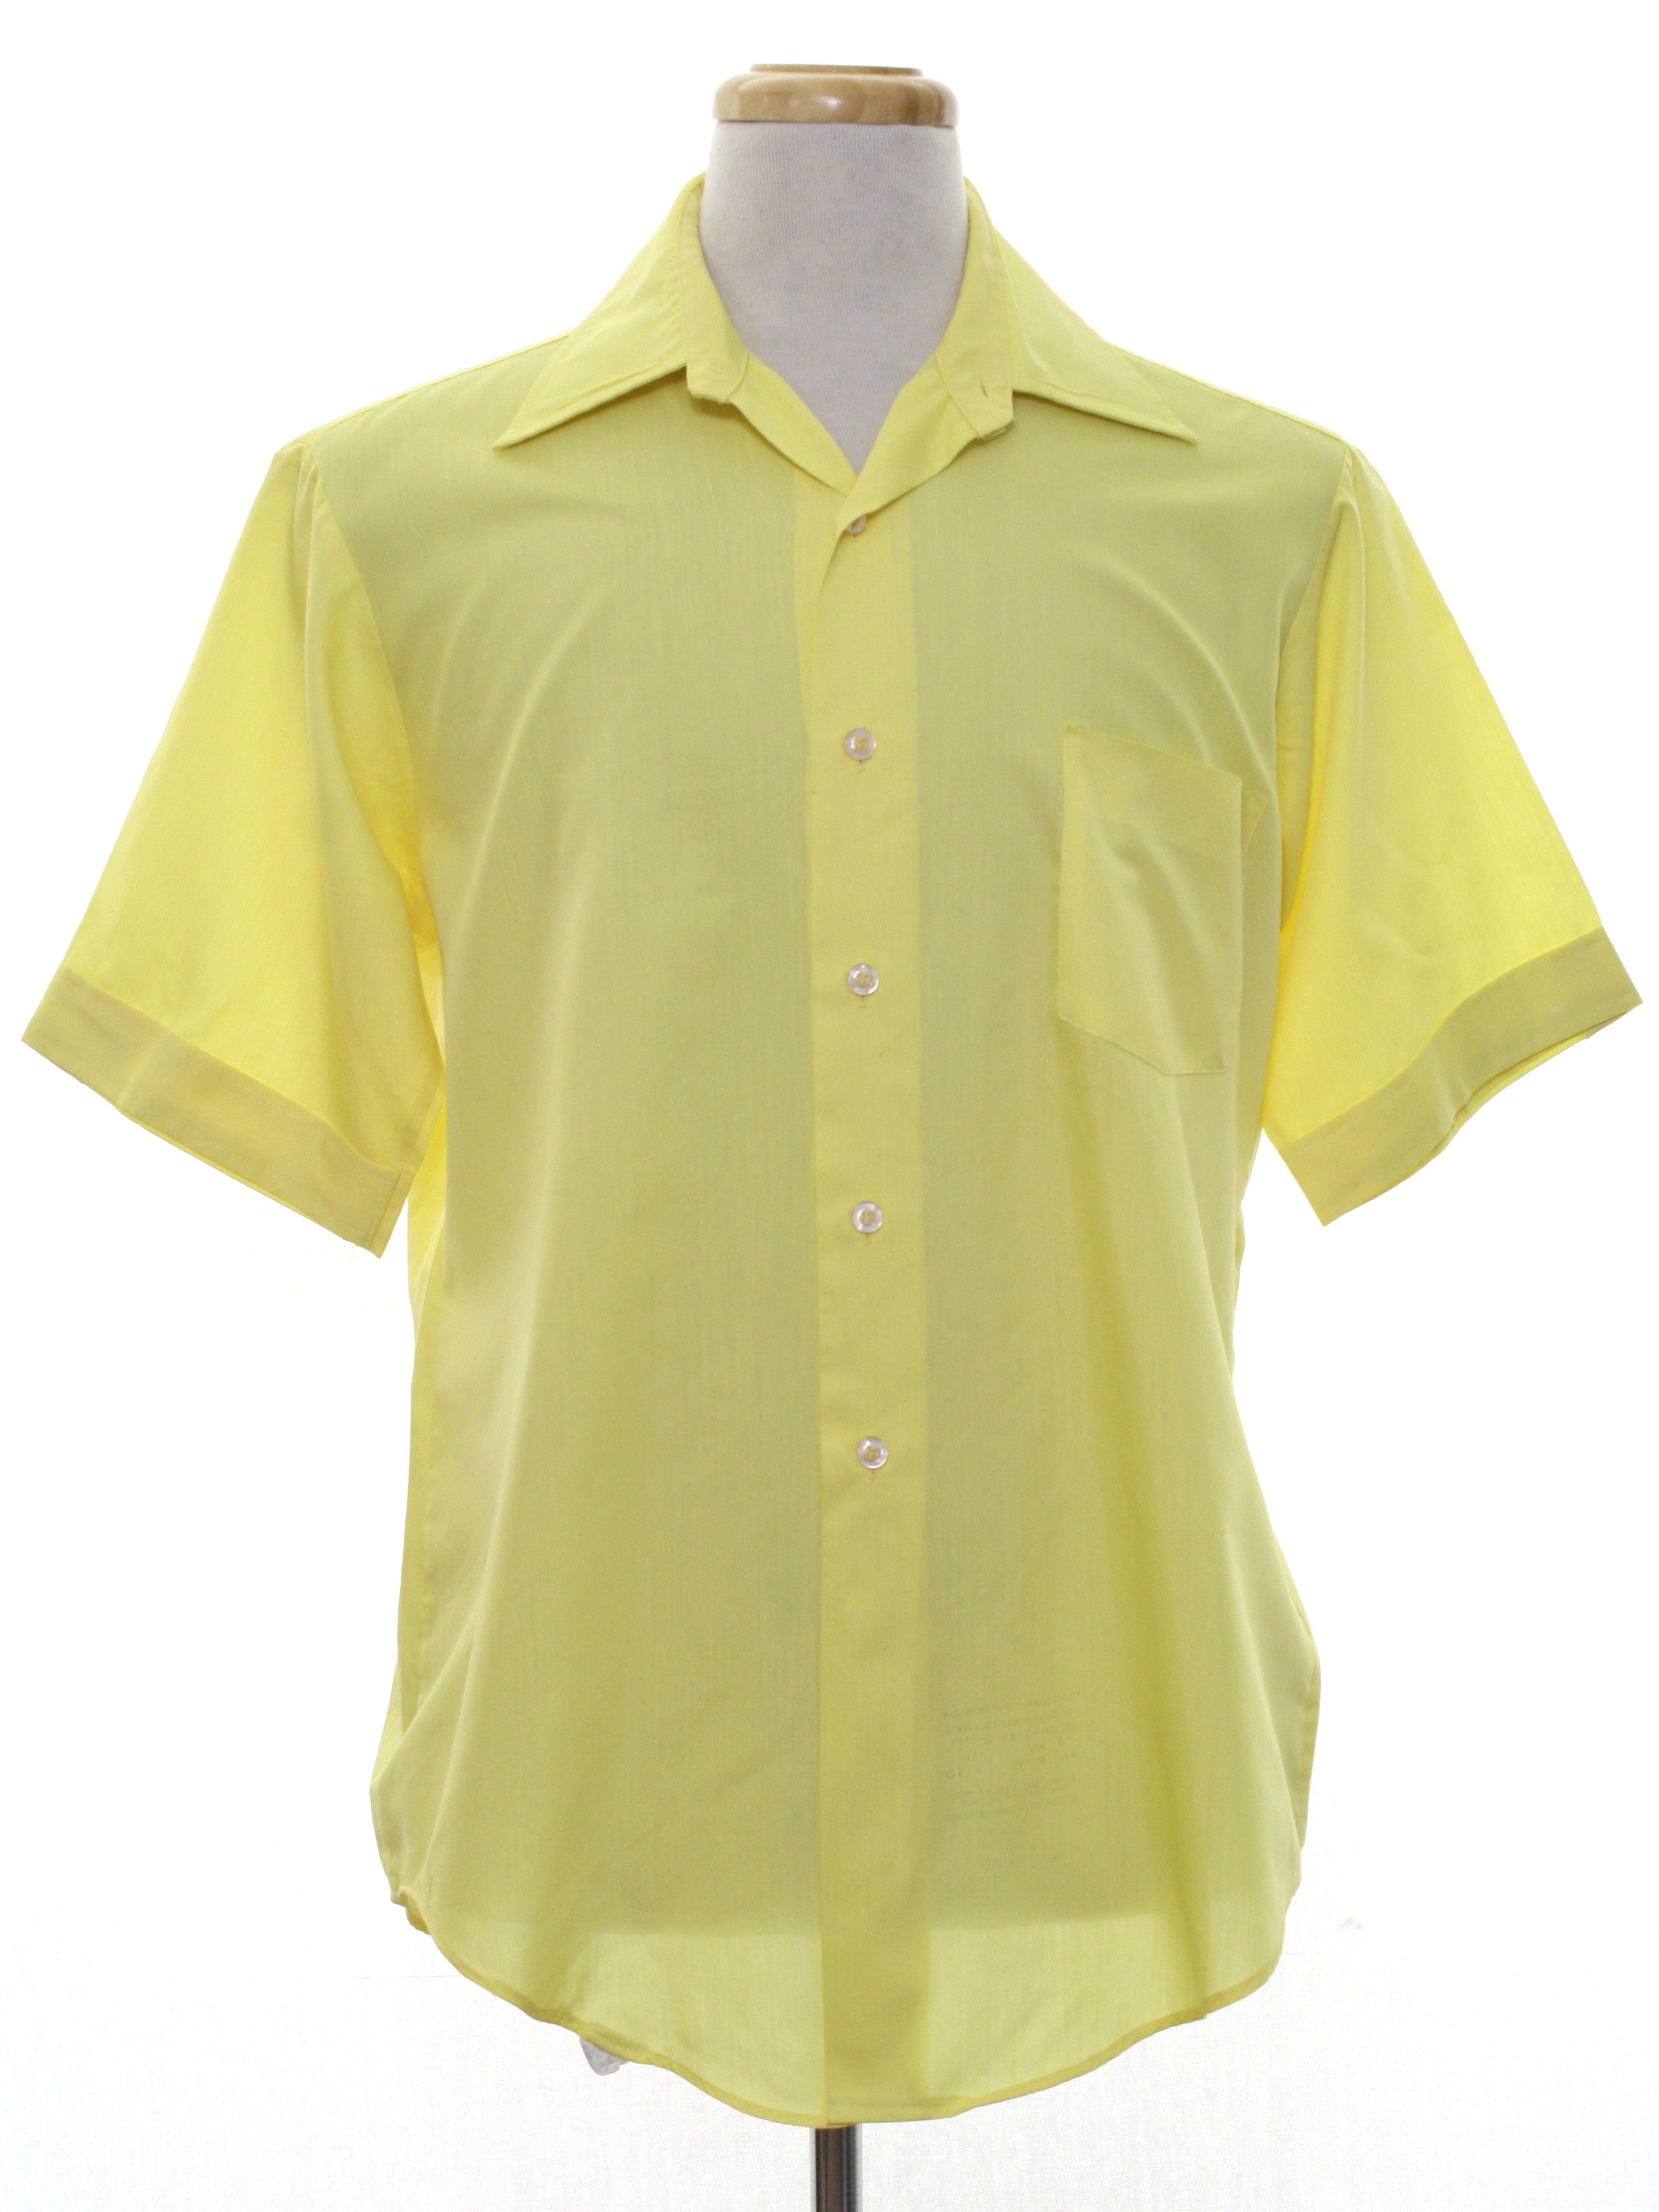 1970 39 s shirt van heusen 70s van heusen mens bright for Van heusen men s short sleeve dress shirts